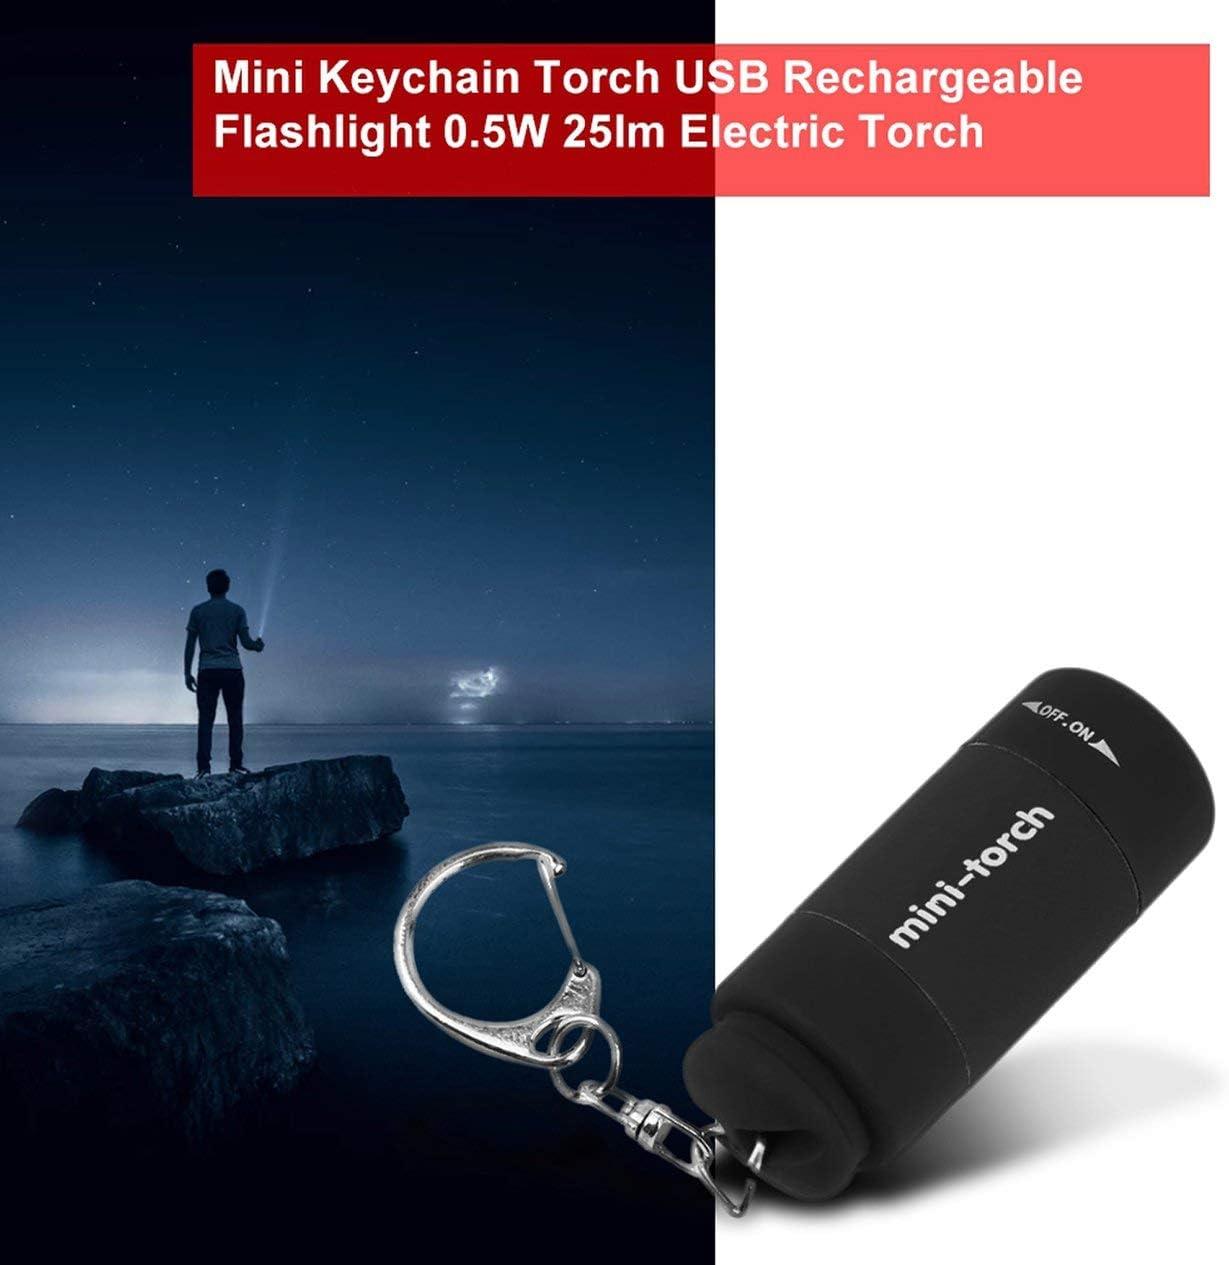 noir Portable Mini Porte-cl/és Torche USB Rechargeable lampe de Poche 0.5W 25lm /Électrique Torche Compact Camping En Plein Air Lampe de Poche